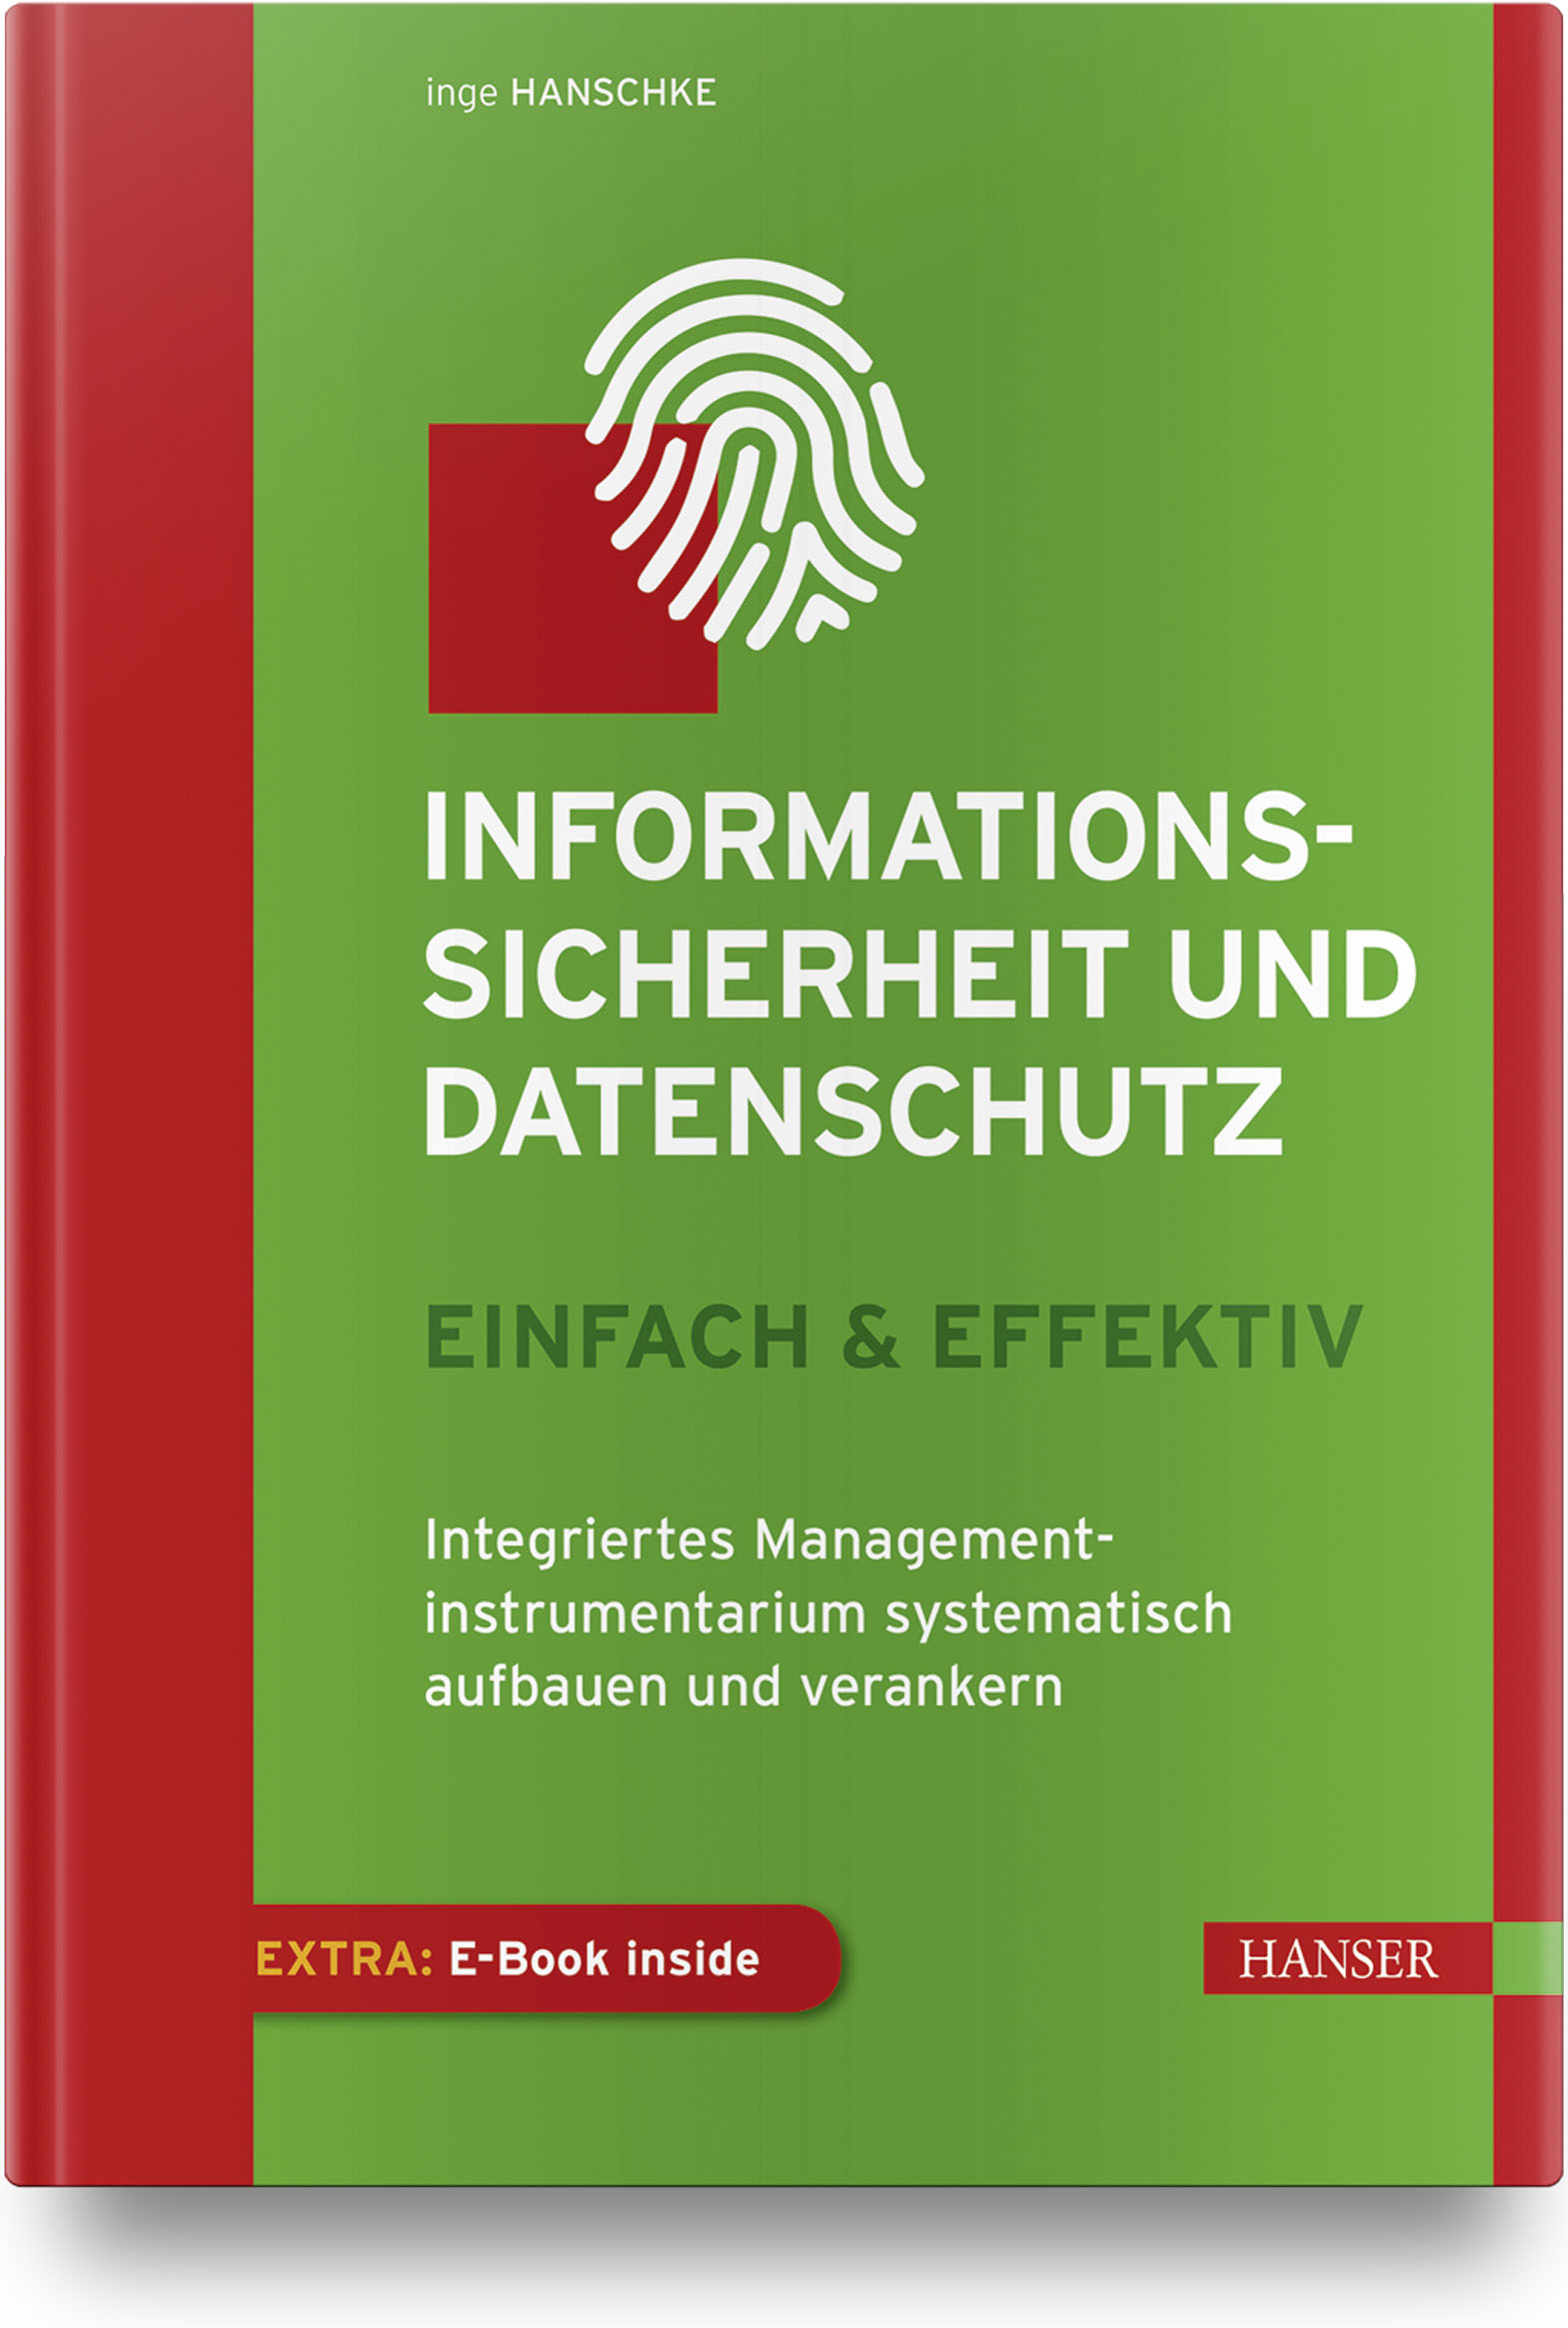 Hanschke, Informationssicherheit & Datenschutz  – einfach & effektiv, 978-3-446-45818-5